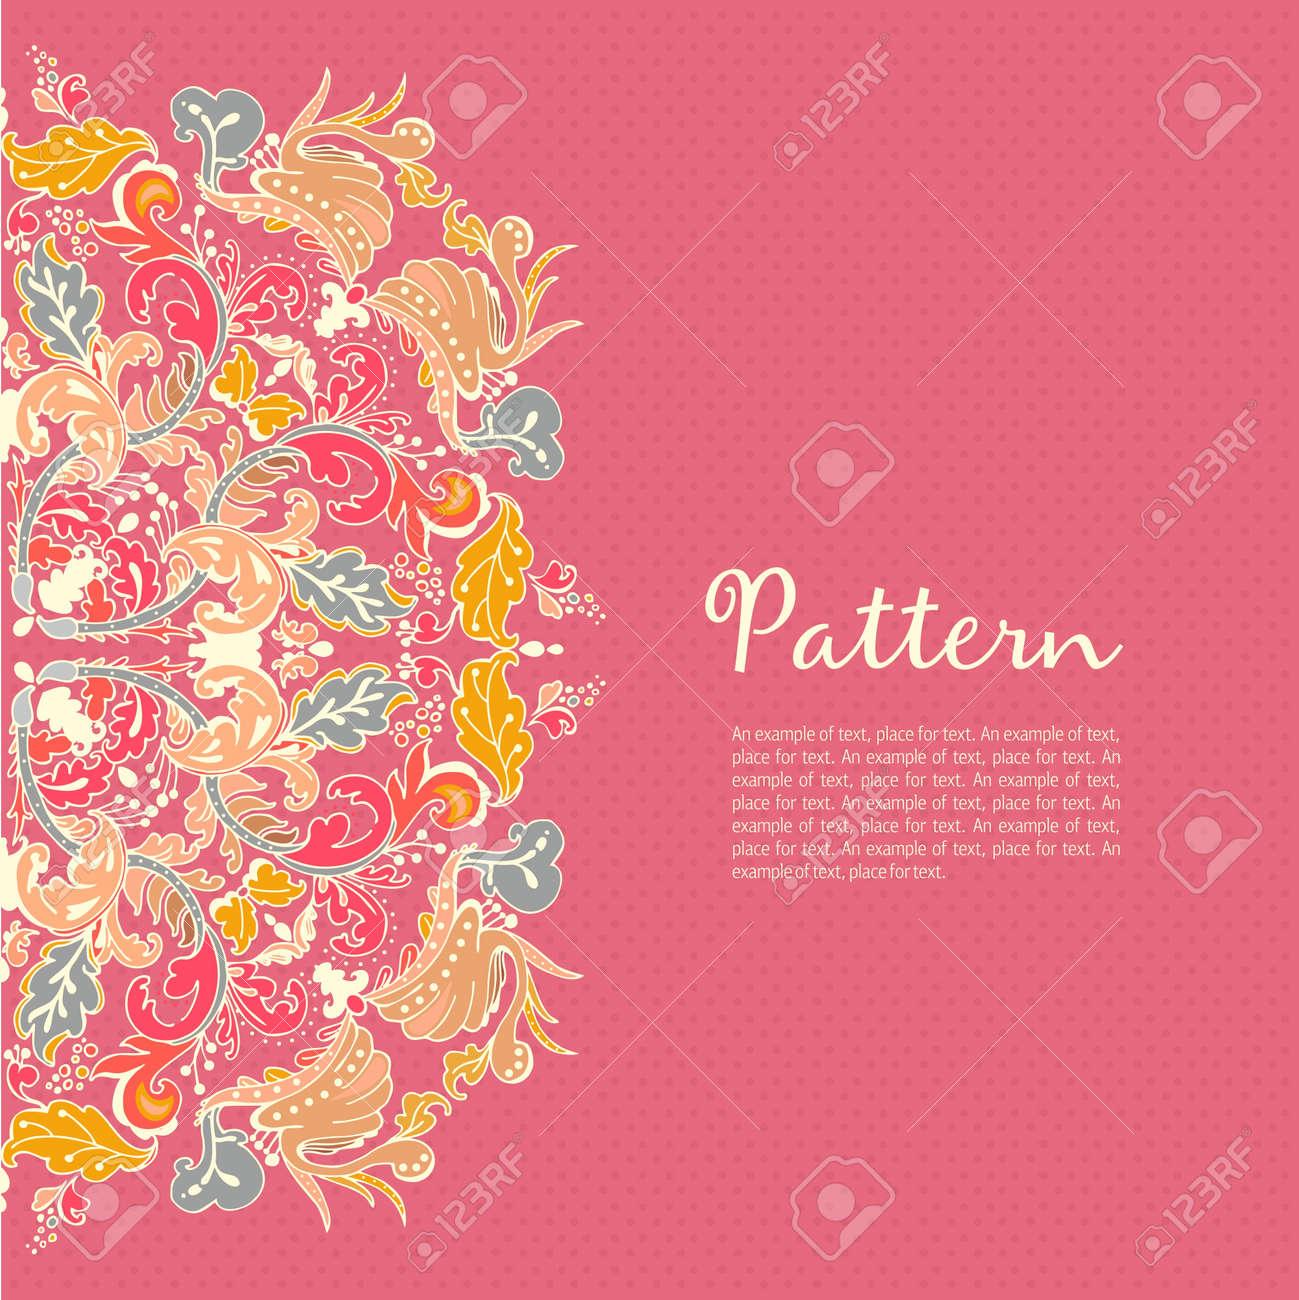 Ornamental round seamless lace pattern. Ornamental round floral lace pattern. kaleidoscopic floral pattern, mandala. - 14778320